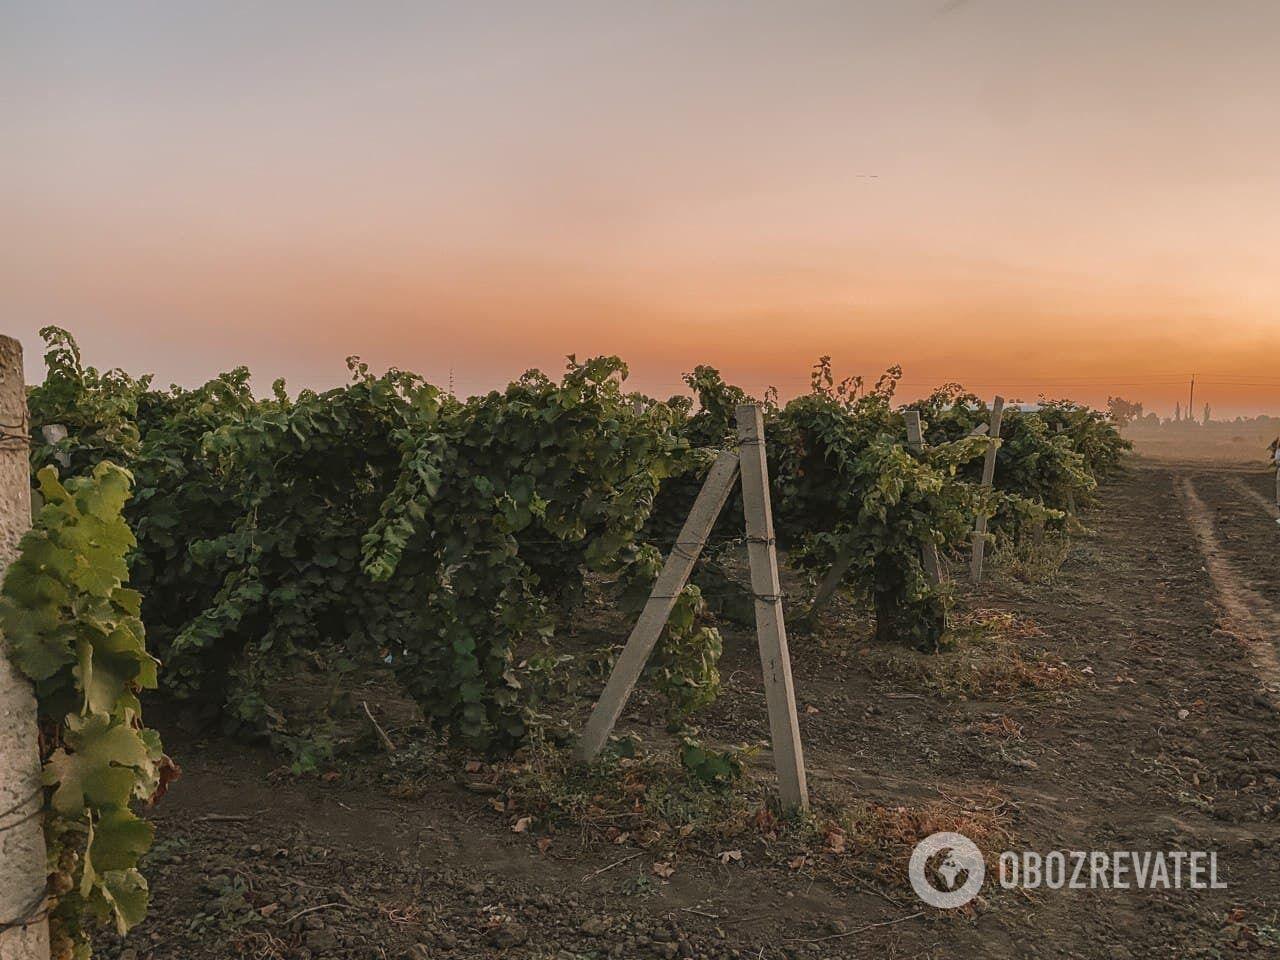 Винодельне KOBLEVO принадлежит более двух с половиной тысяч гектаров виноградников